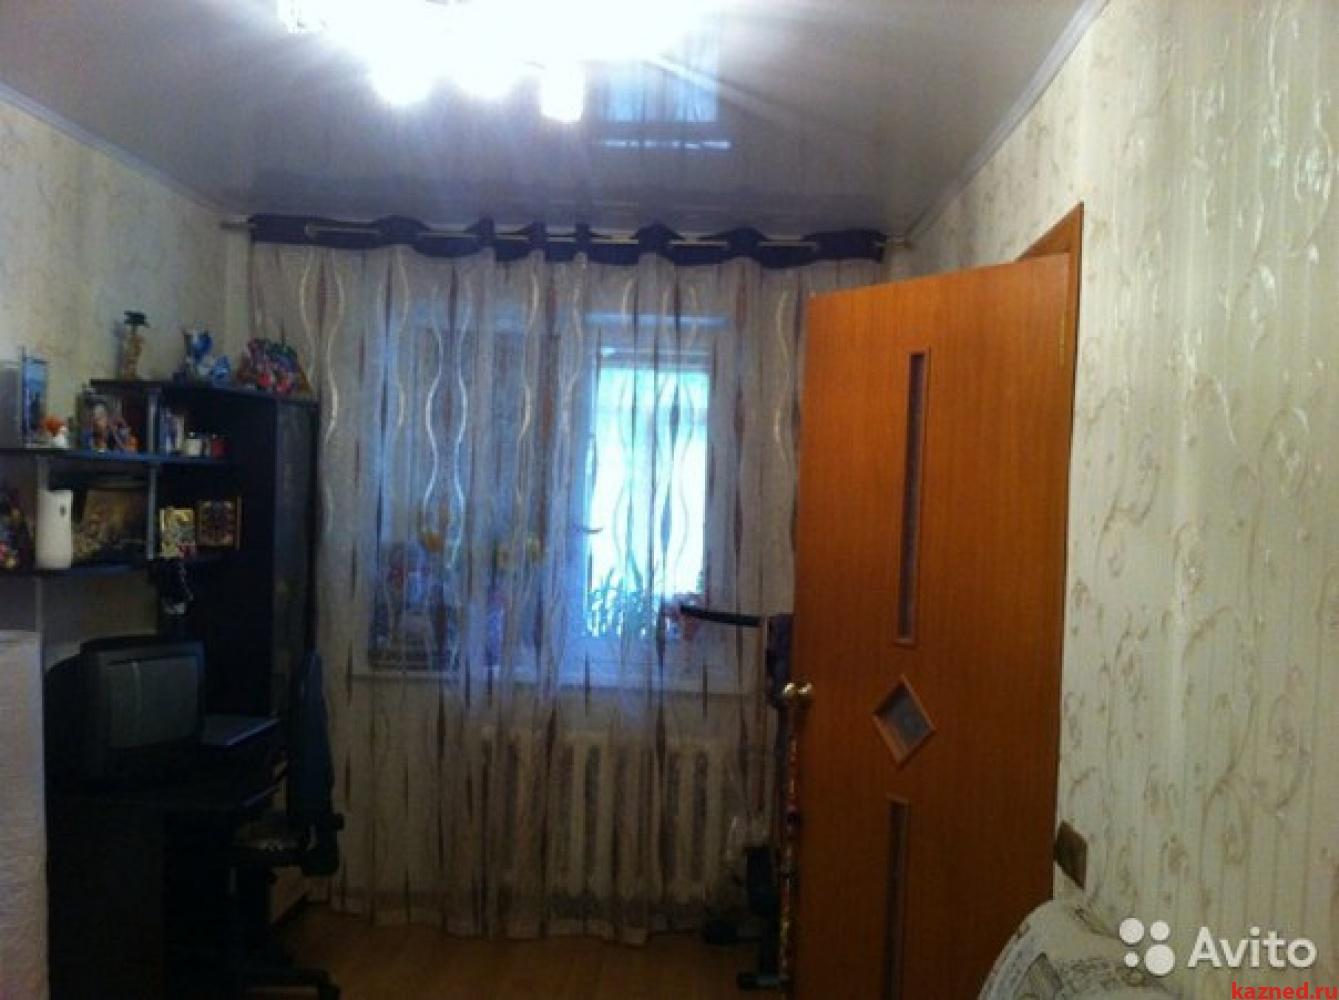 Продажа 2-к квартиры Братьев Касимовых, 86, 46 м² (миниатюра №3)